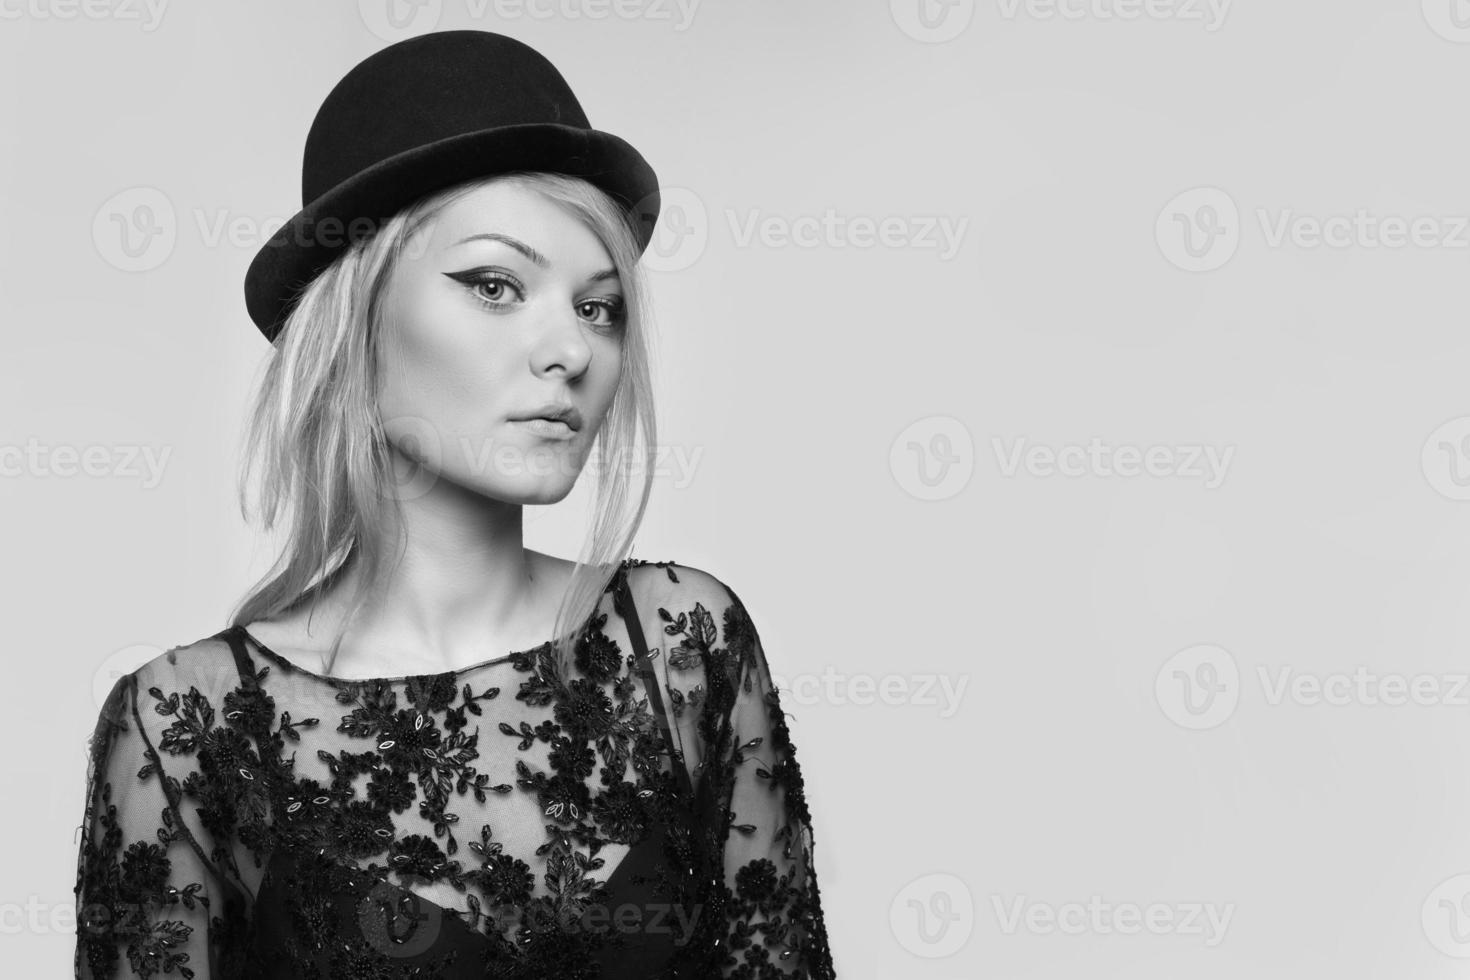 fermer le portrait de la belle femme blonde photo